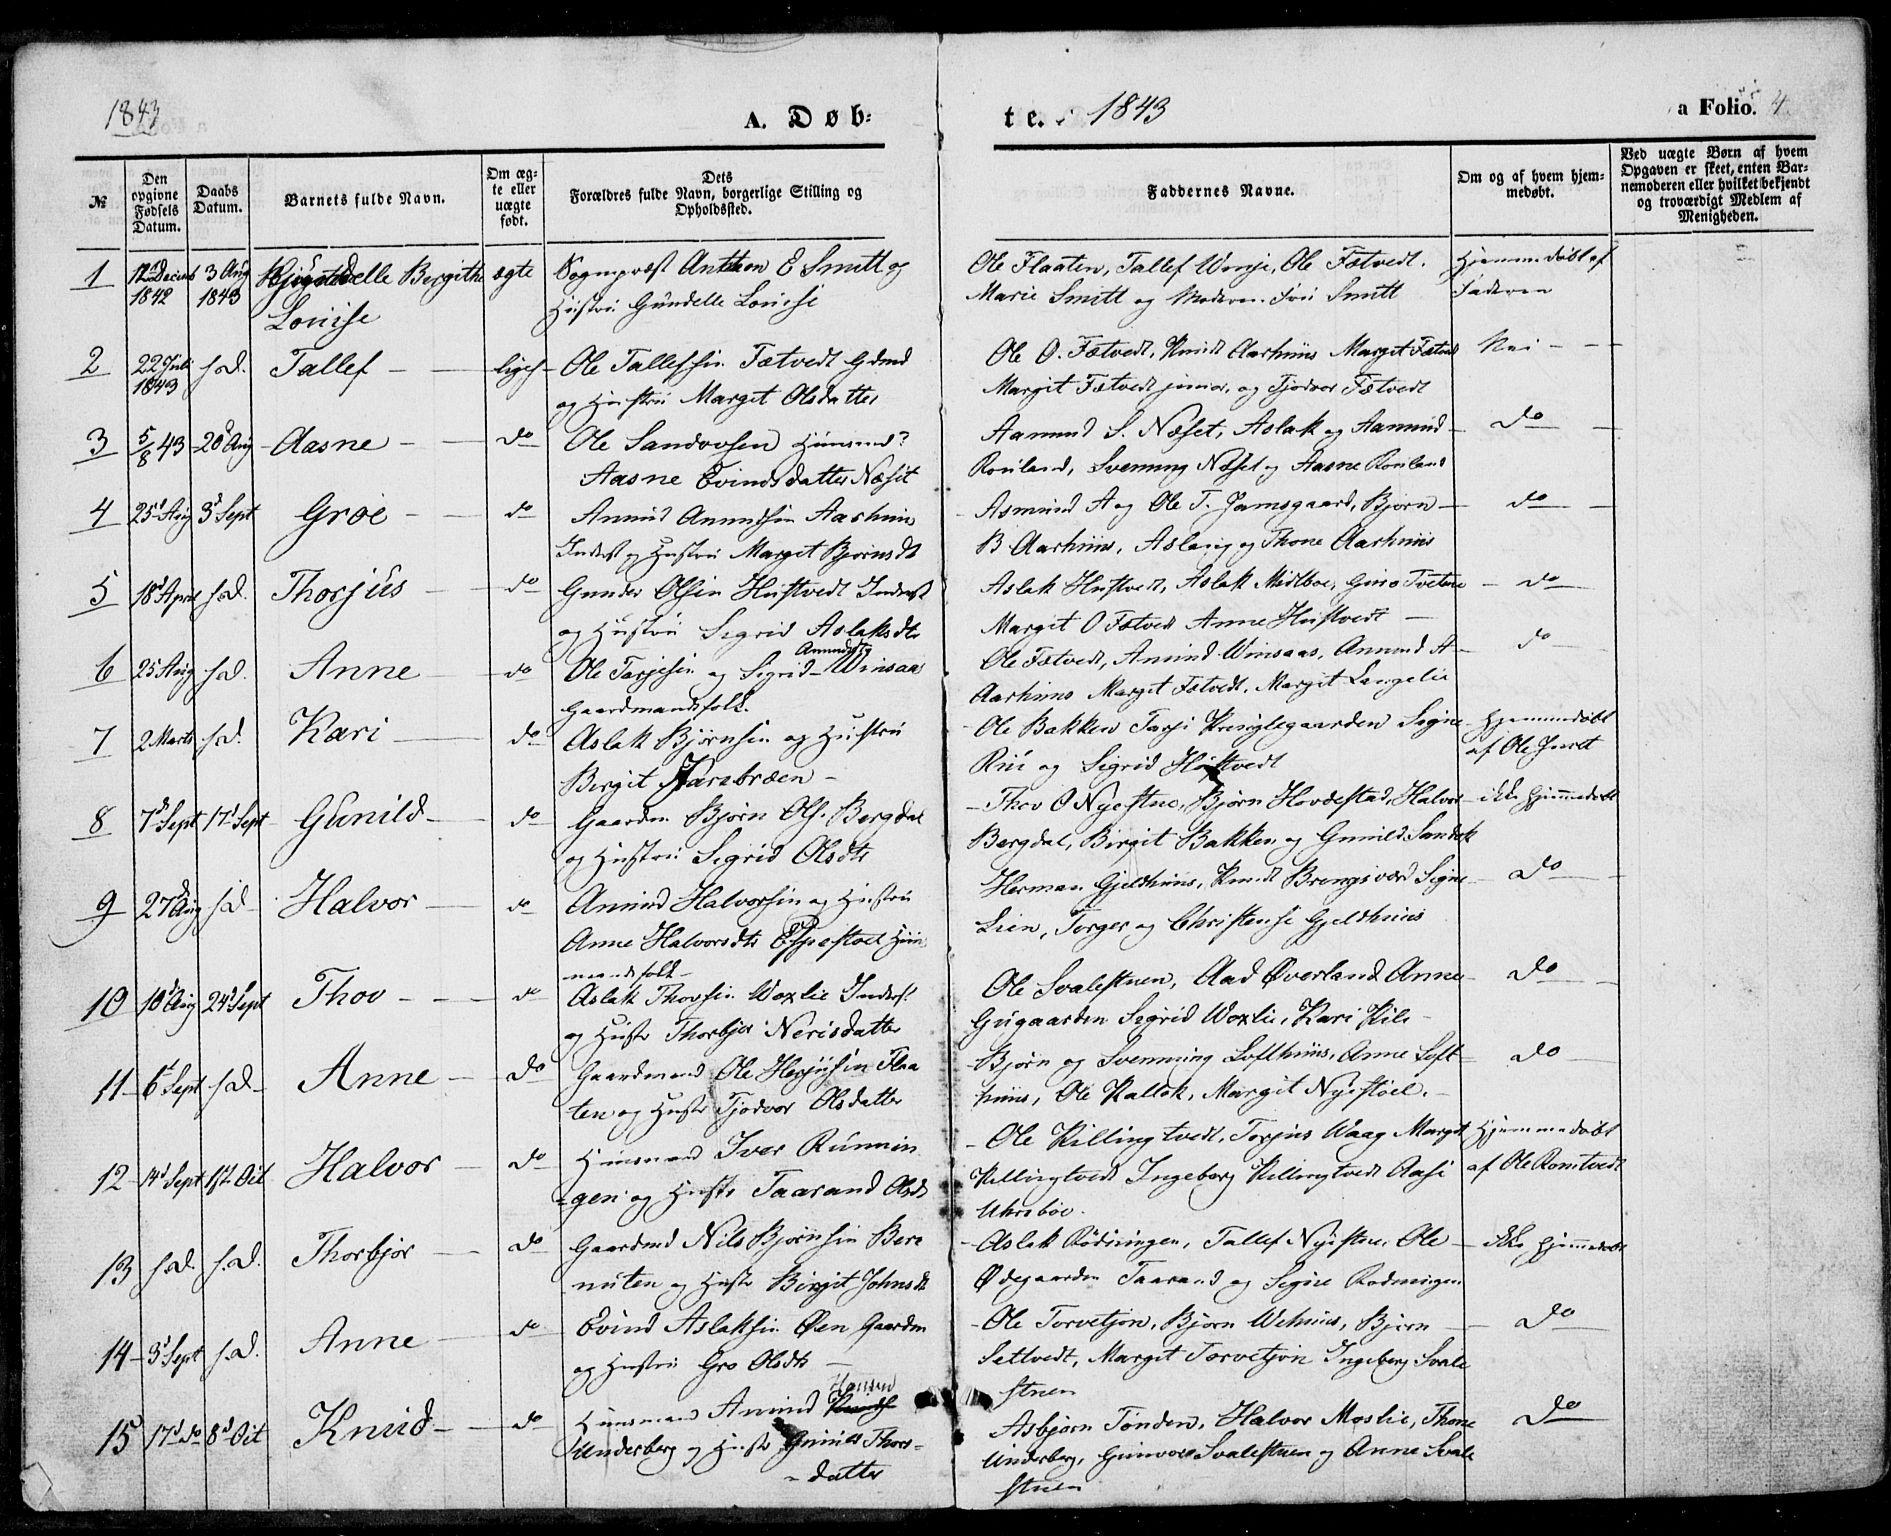 SAKO, Vinje kirkebøker, F/Fa/L0004: Ministerialbok nr. I 4, 1843-1869, s. 4